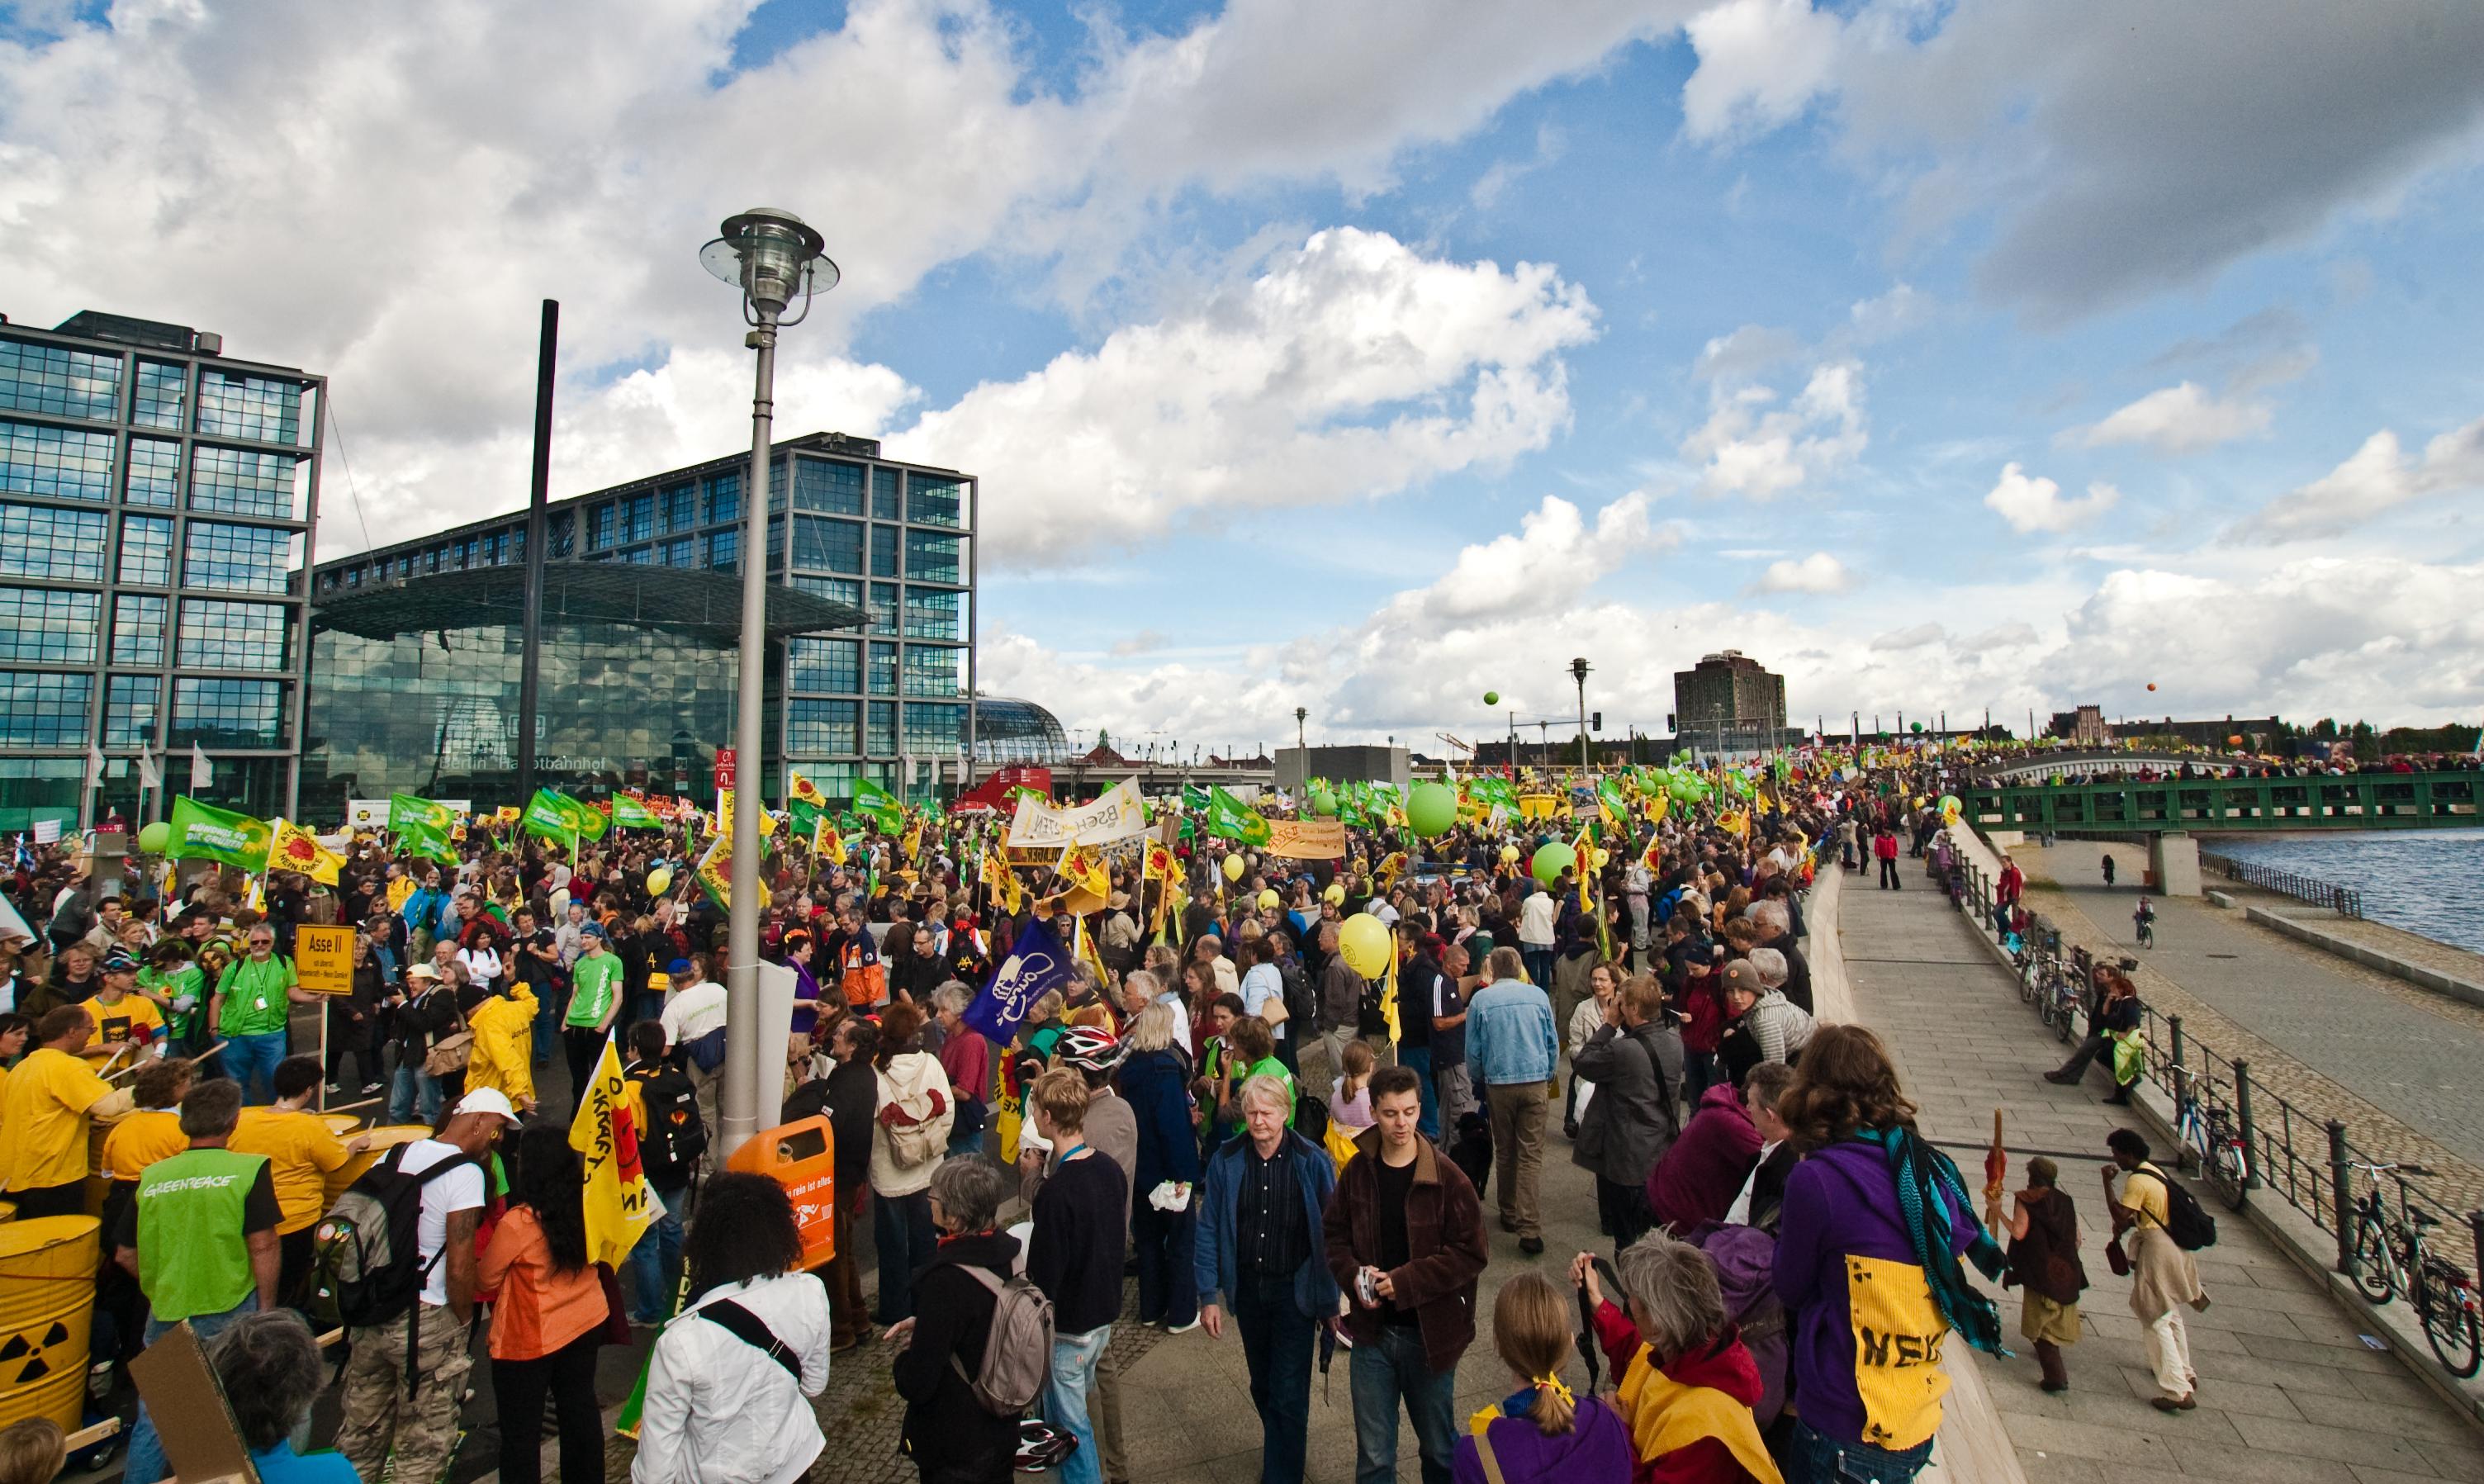 2009 unrechtmäßig von der Polizei gefilmt: Anti-Atom-Demo in Berlin - CC BY 2.0 via wikimedia/Lauri Myllyvirta